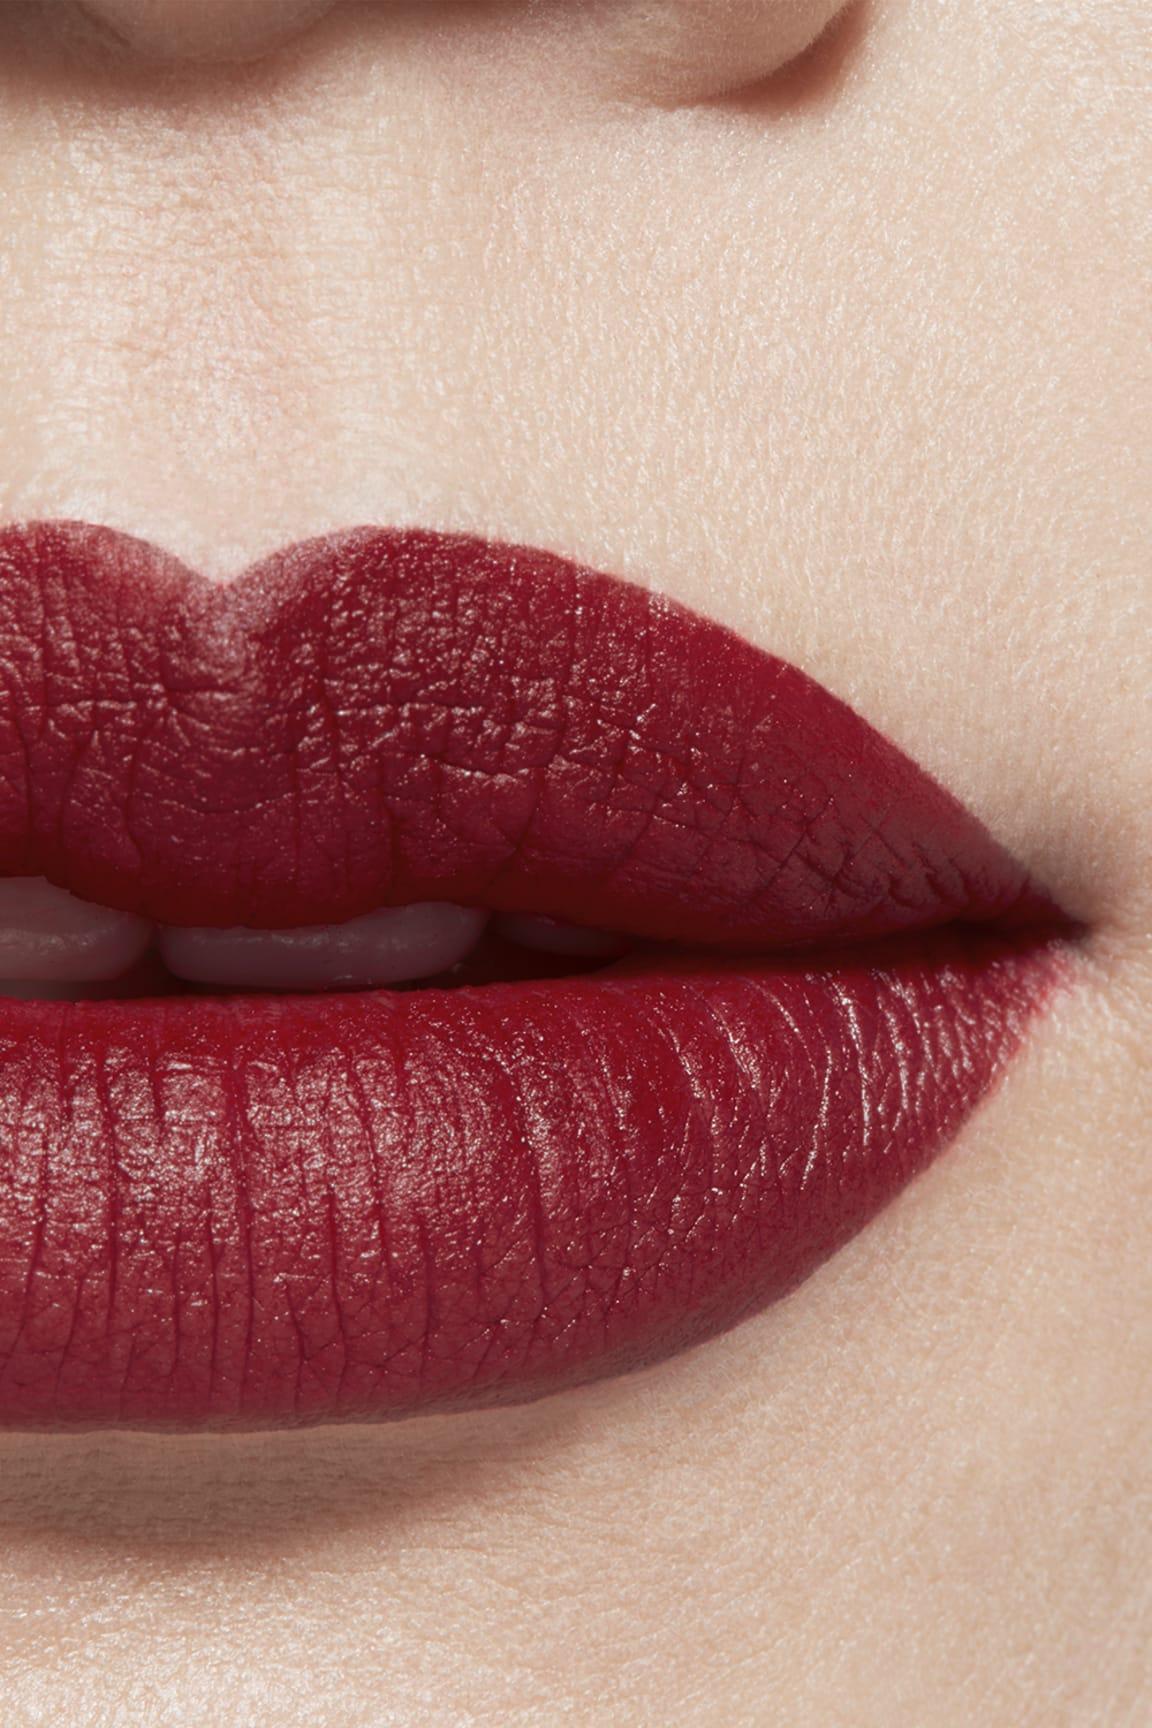 Application makeup visual 1 - ROUGE ALLURE VELVET LE LION DE CHANEL 267 - ROUGE AUDACIEUX